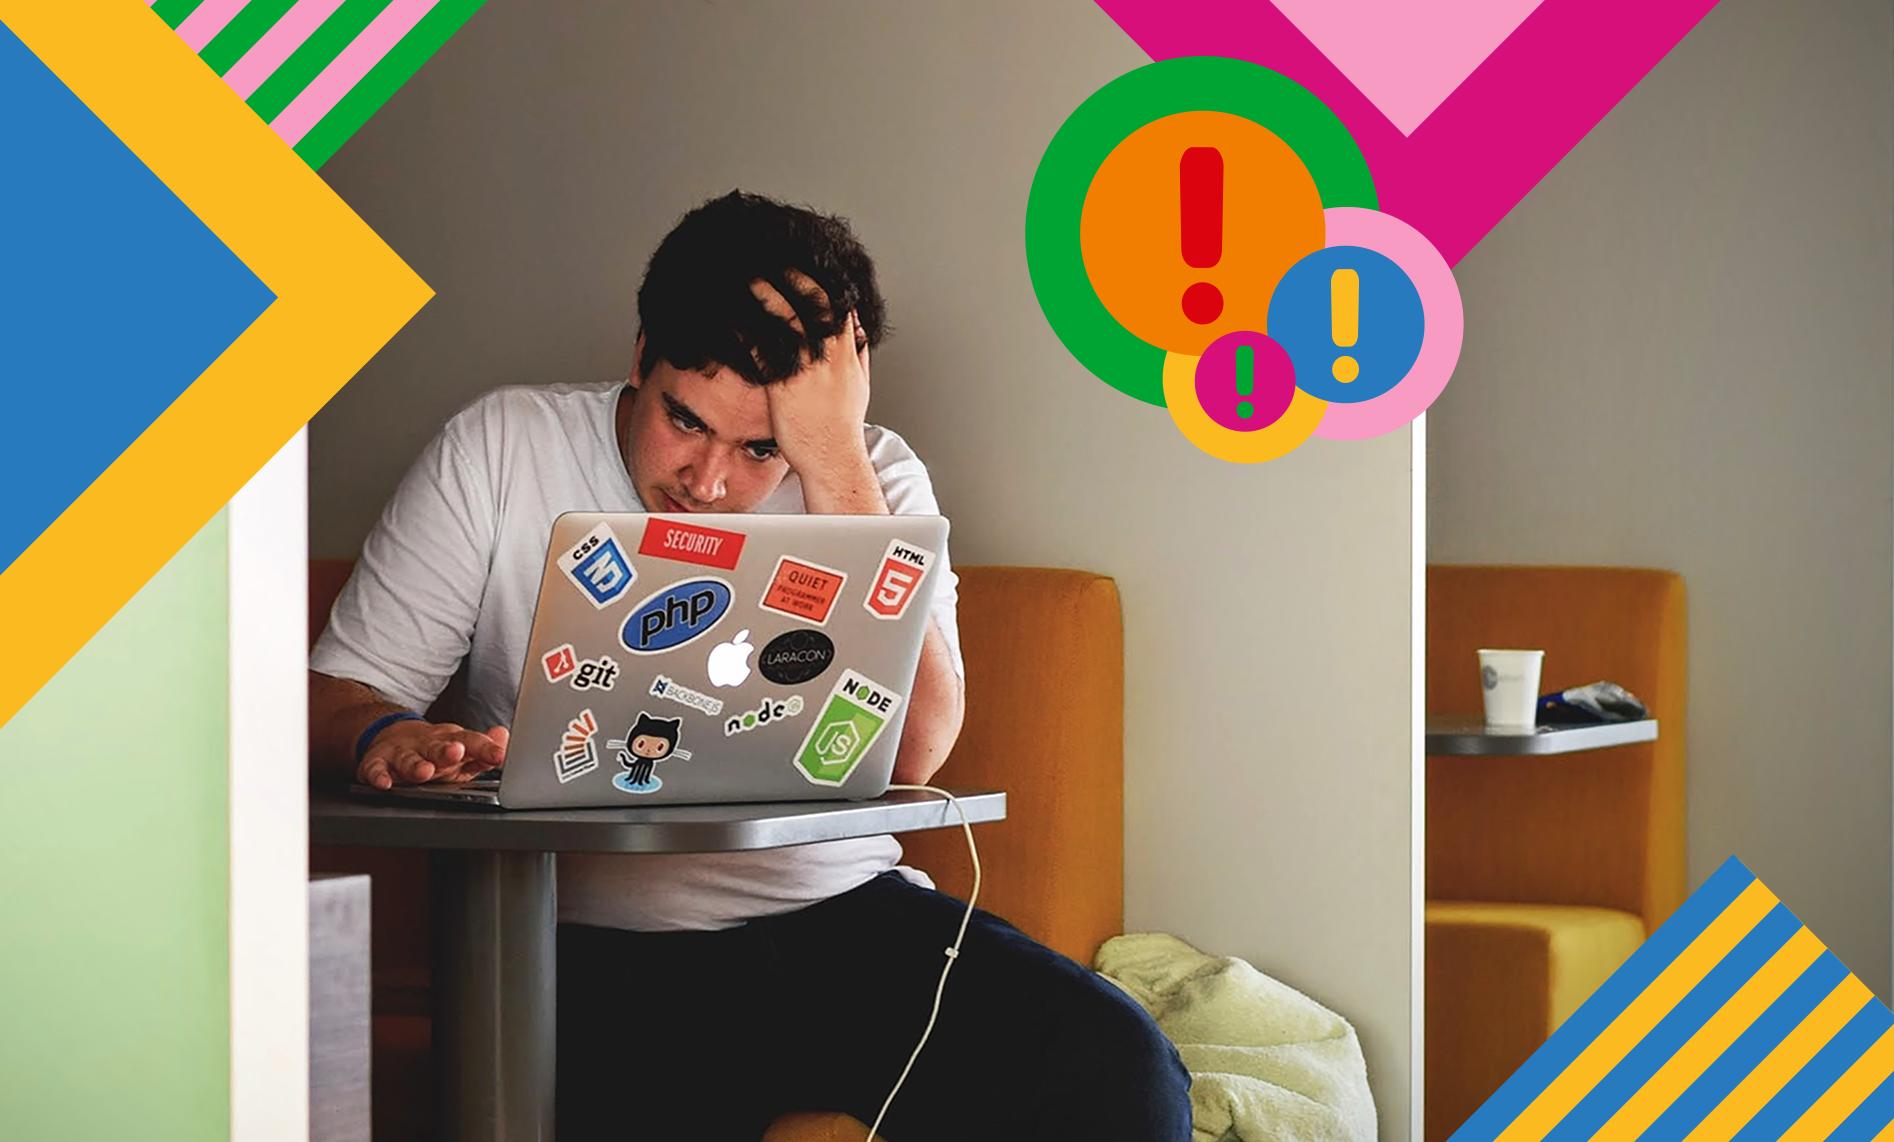 junger Mann rauft sich, am Computer sitzend, die Haare